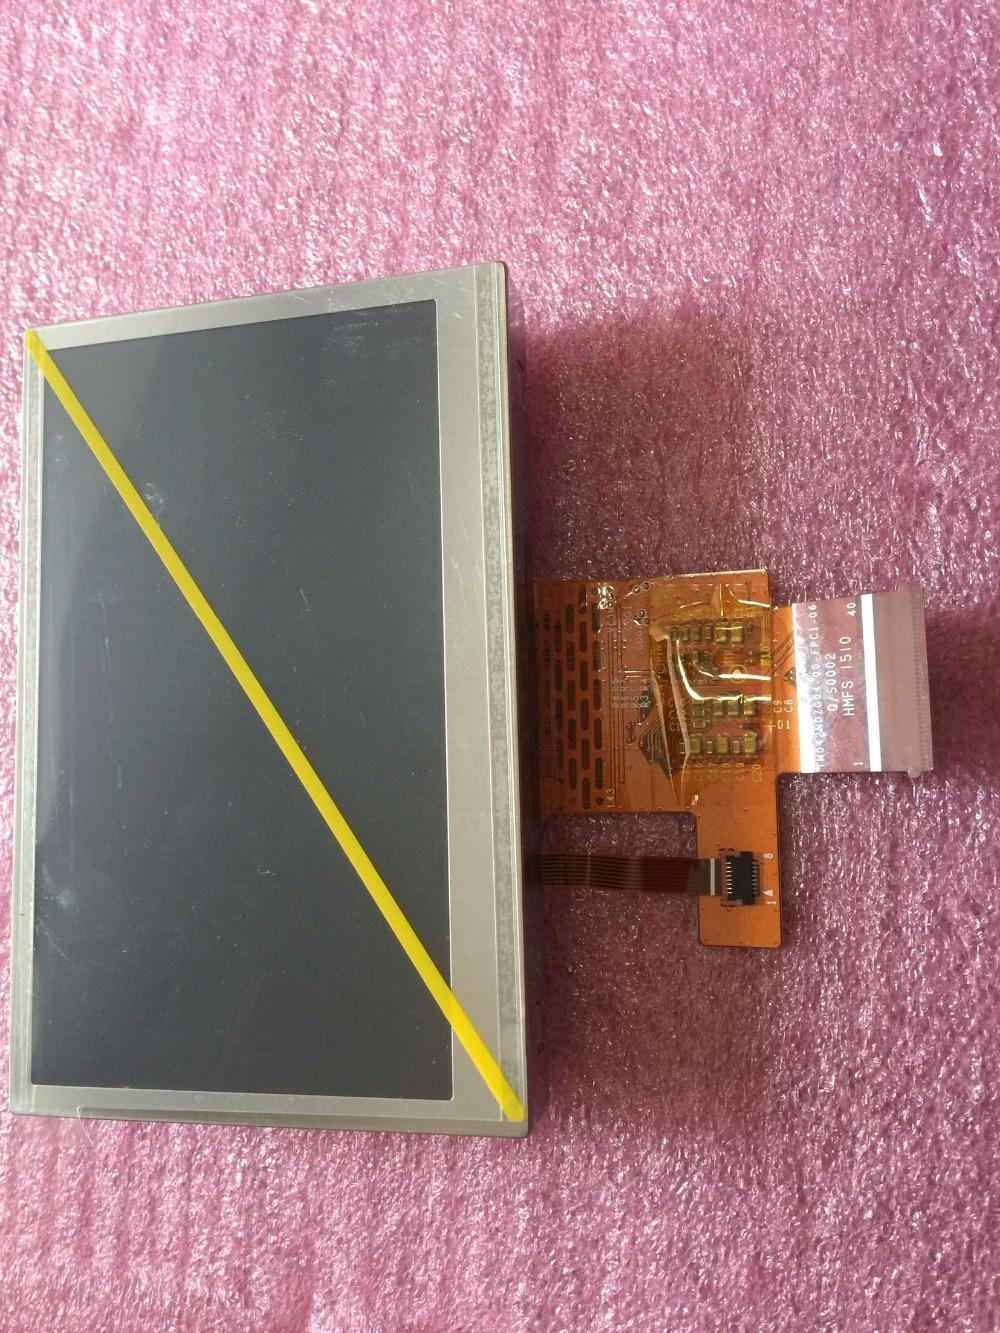 TM042NDZG04 LCD Displays b101xt01 1 m101nwn8 lcd displays